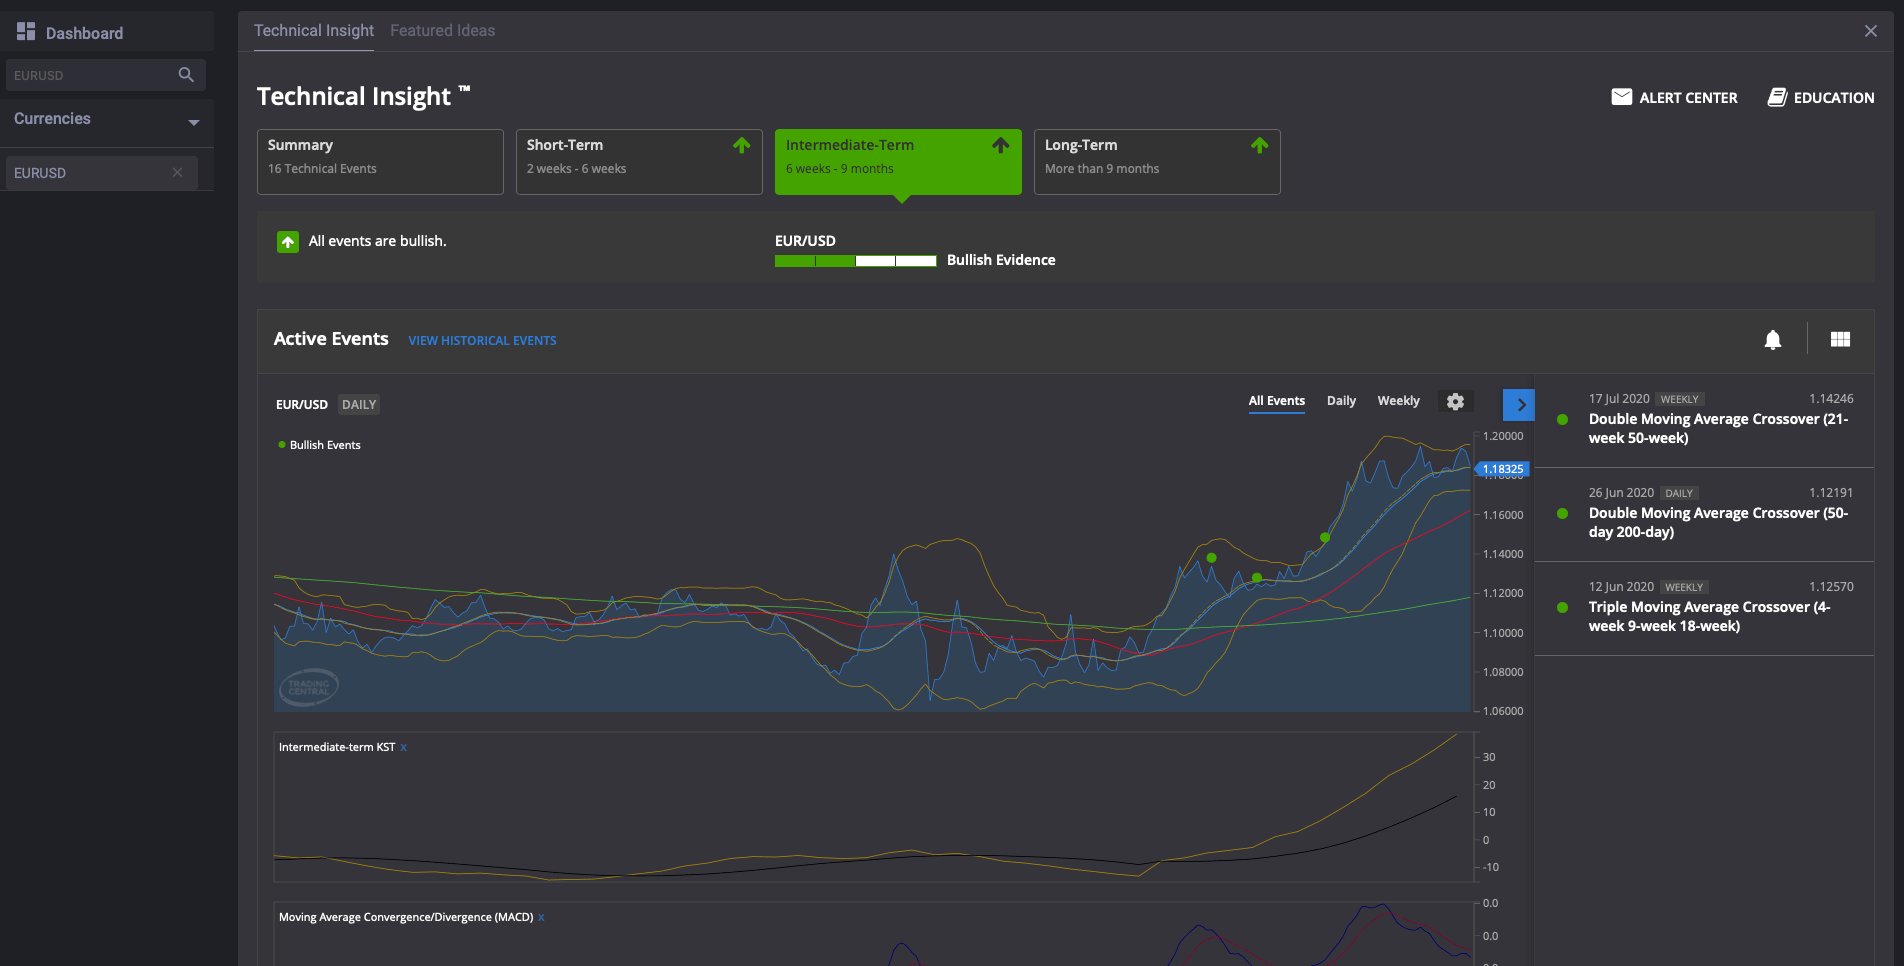 fxcm prekybos signalai rodo našumą